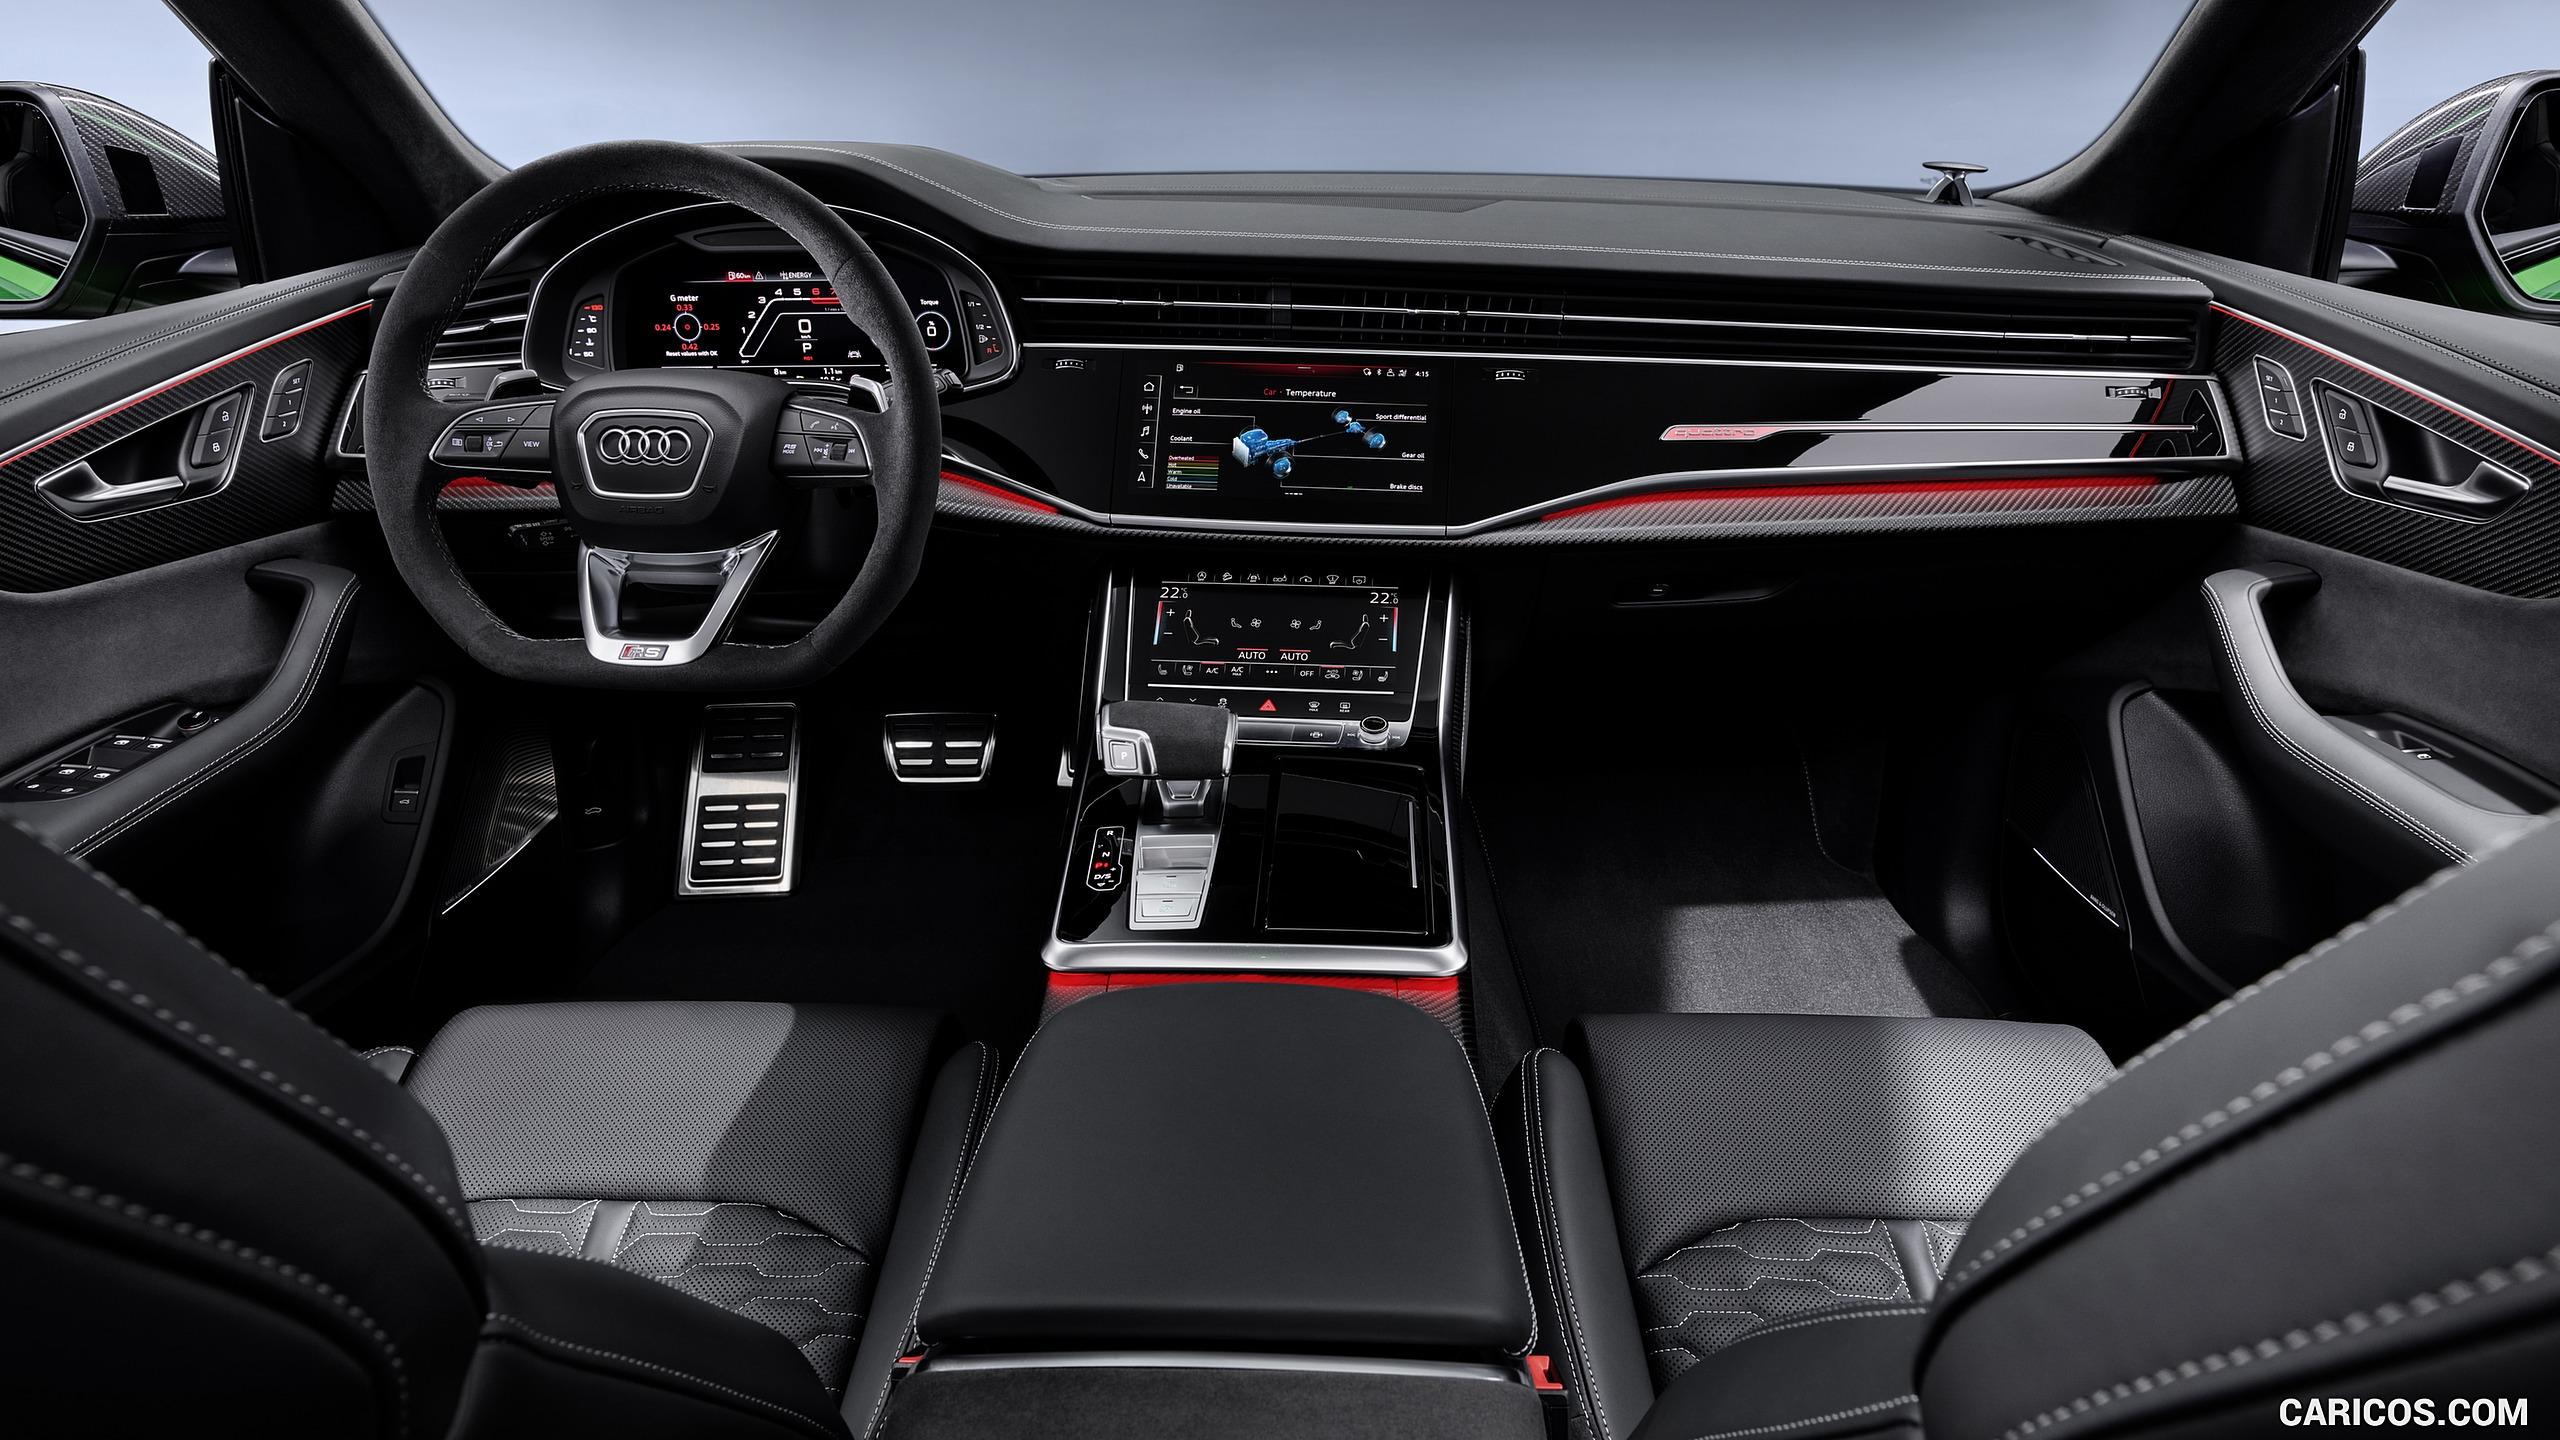 2020 Audi RS Q8   Interior Cockpit HD Wallpaper 13 2560x1440